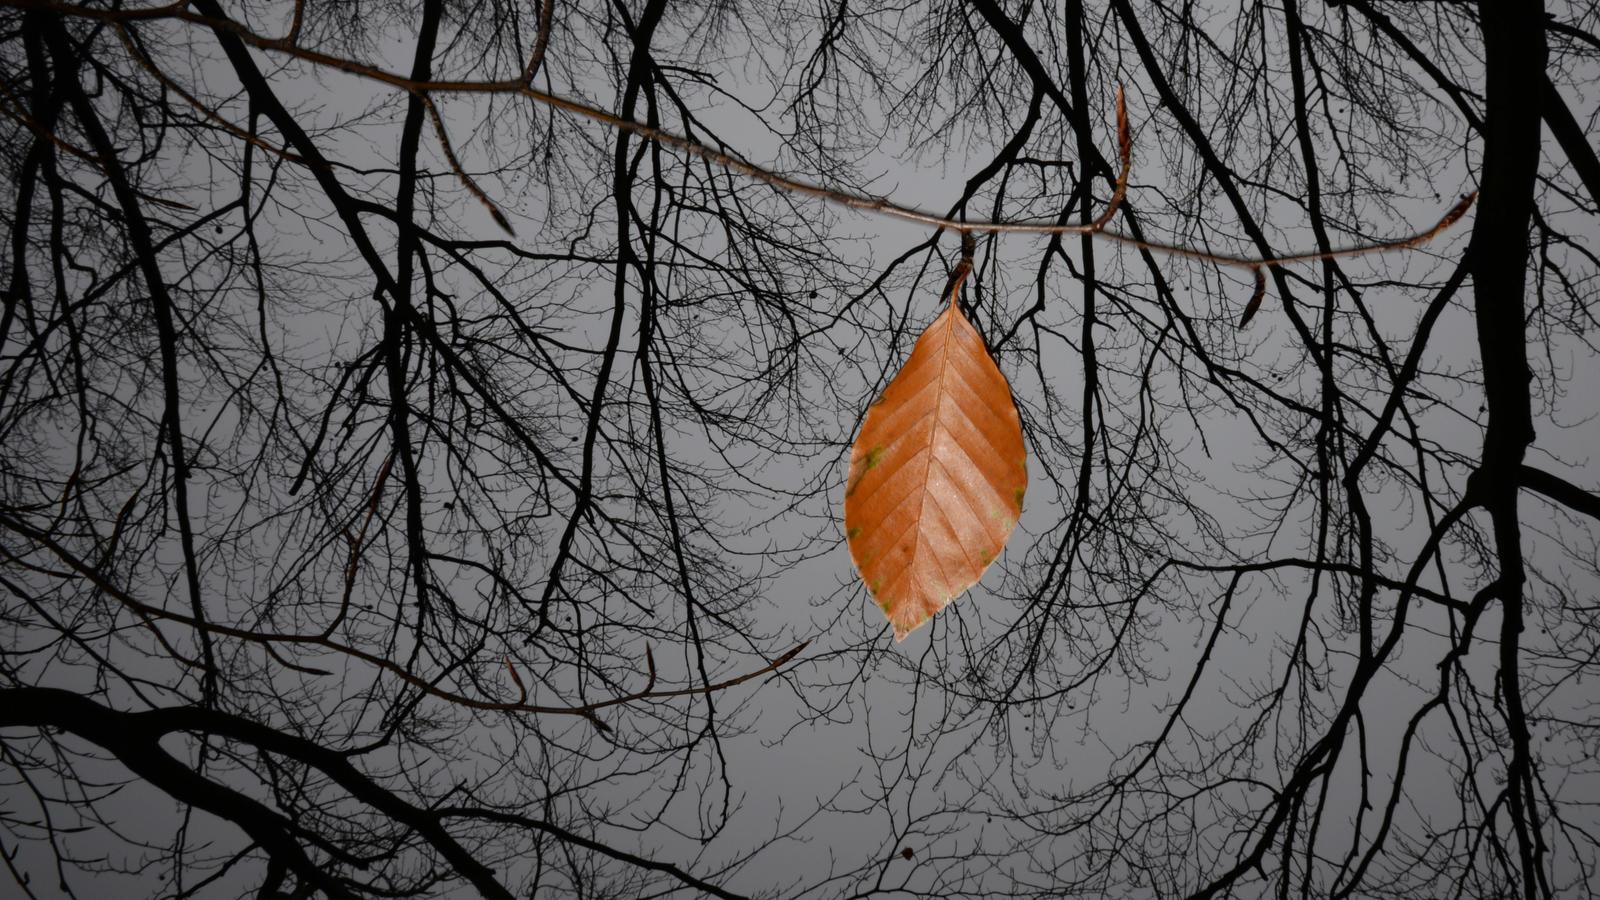 Wettertrend für deutschland vom 31.10.2016: typisch november ...